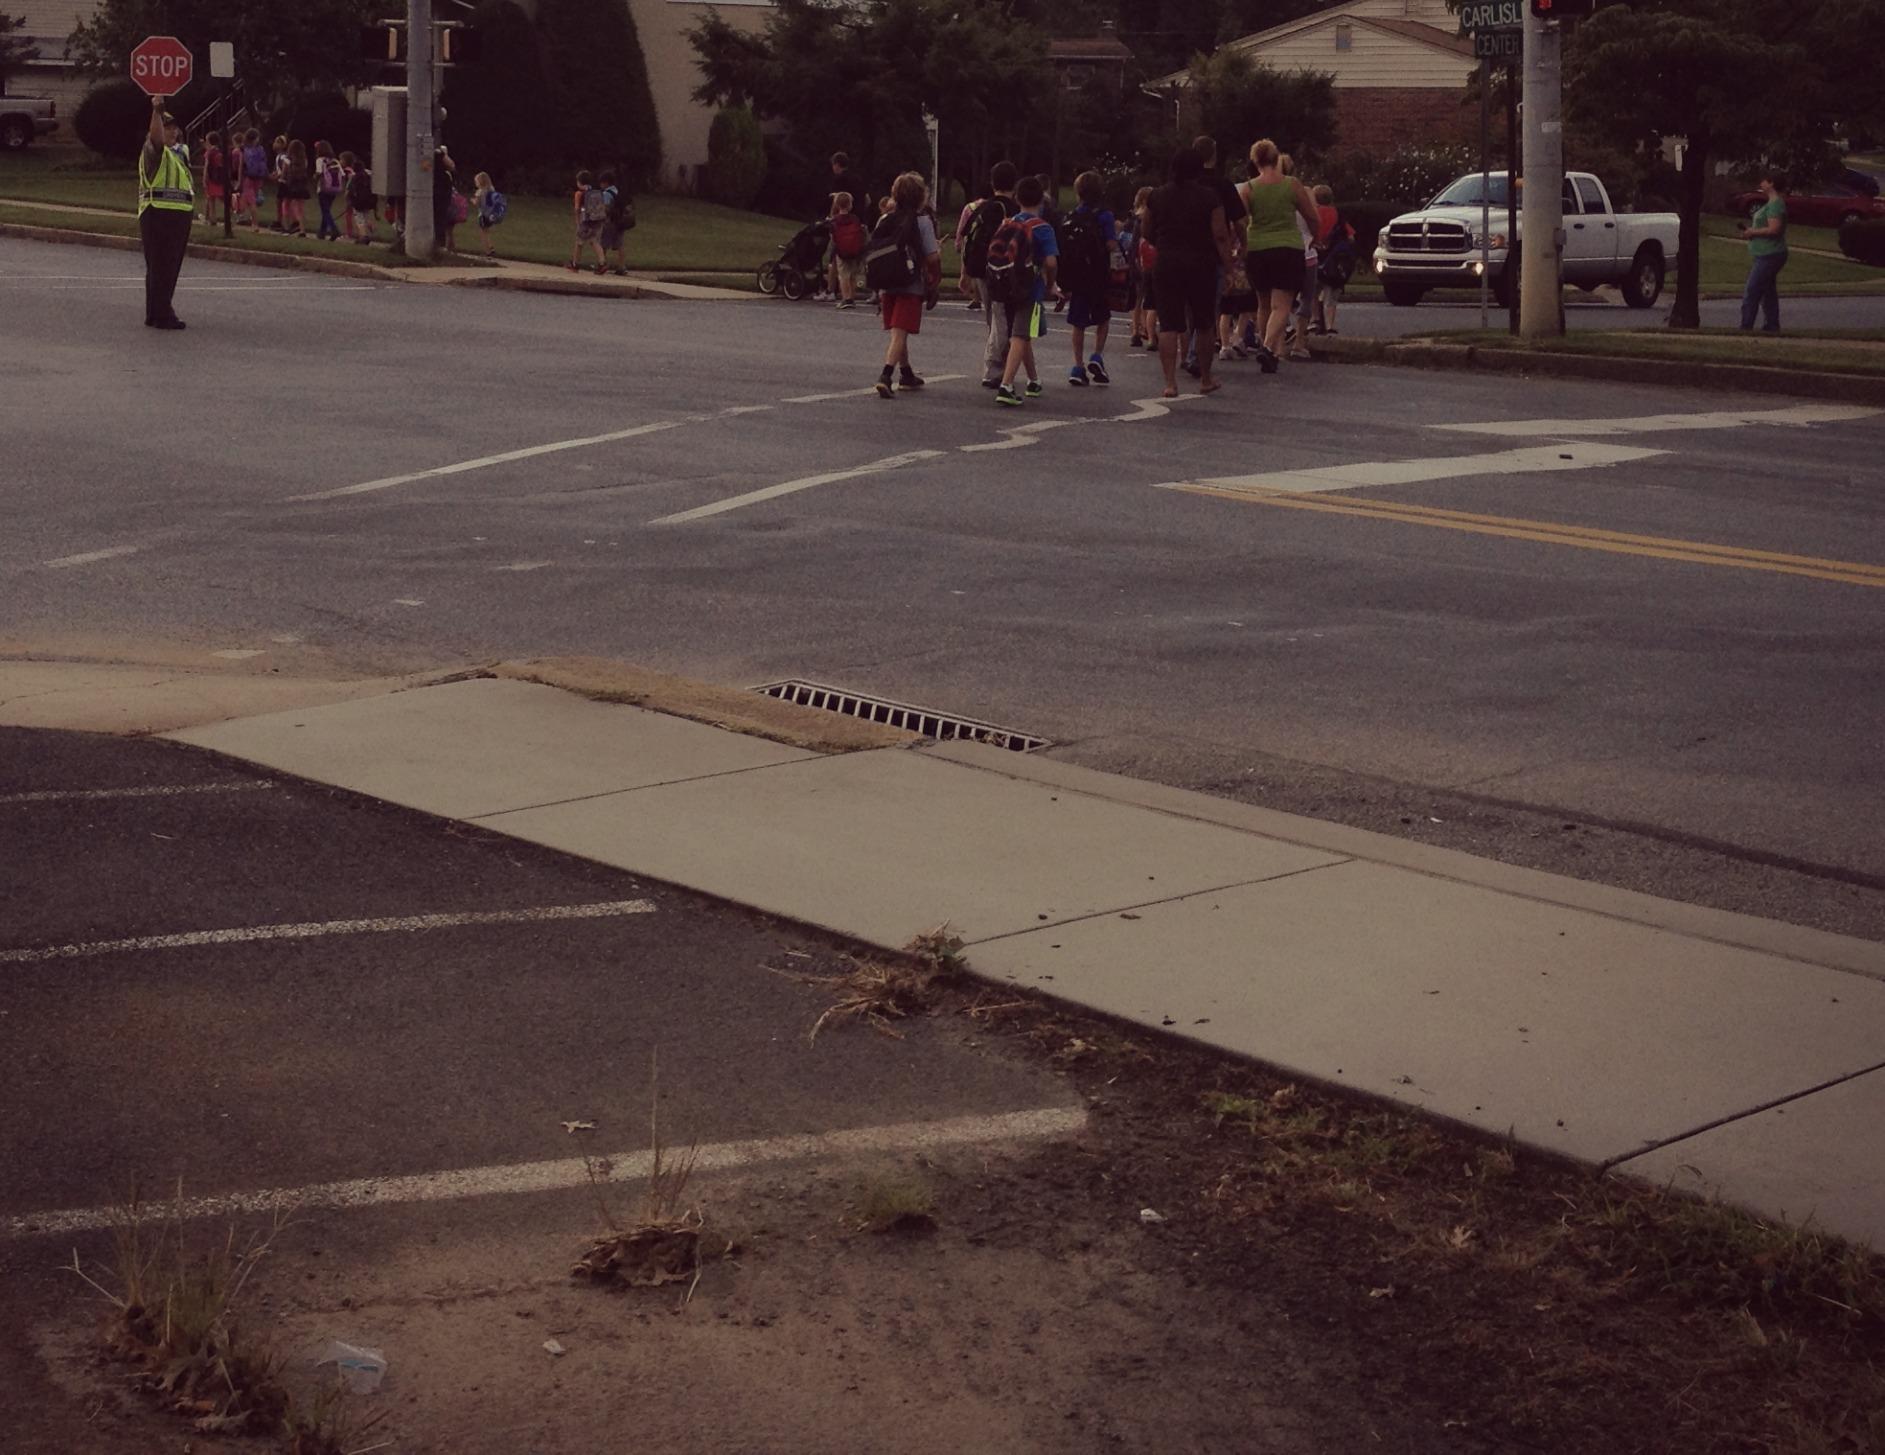 walkingtrain